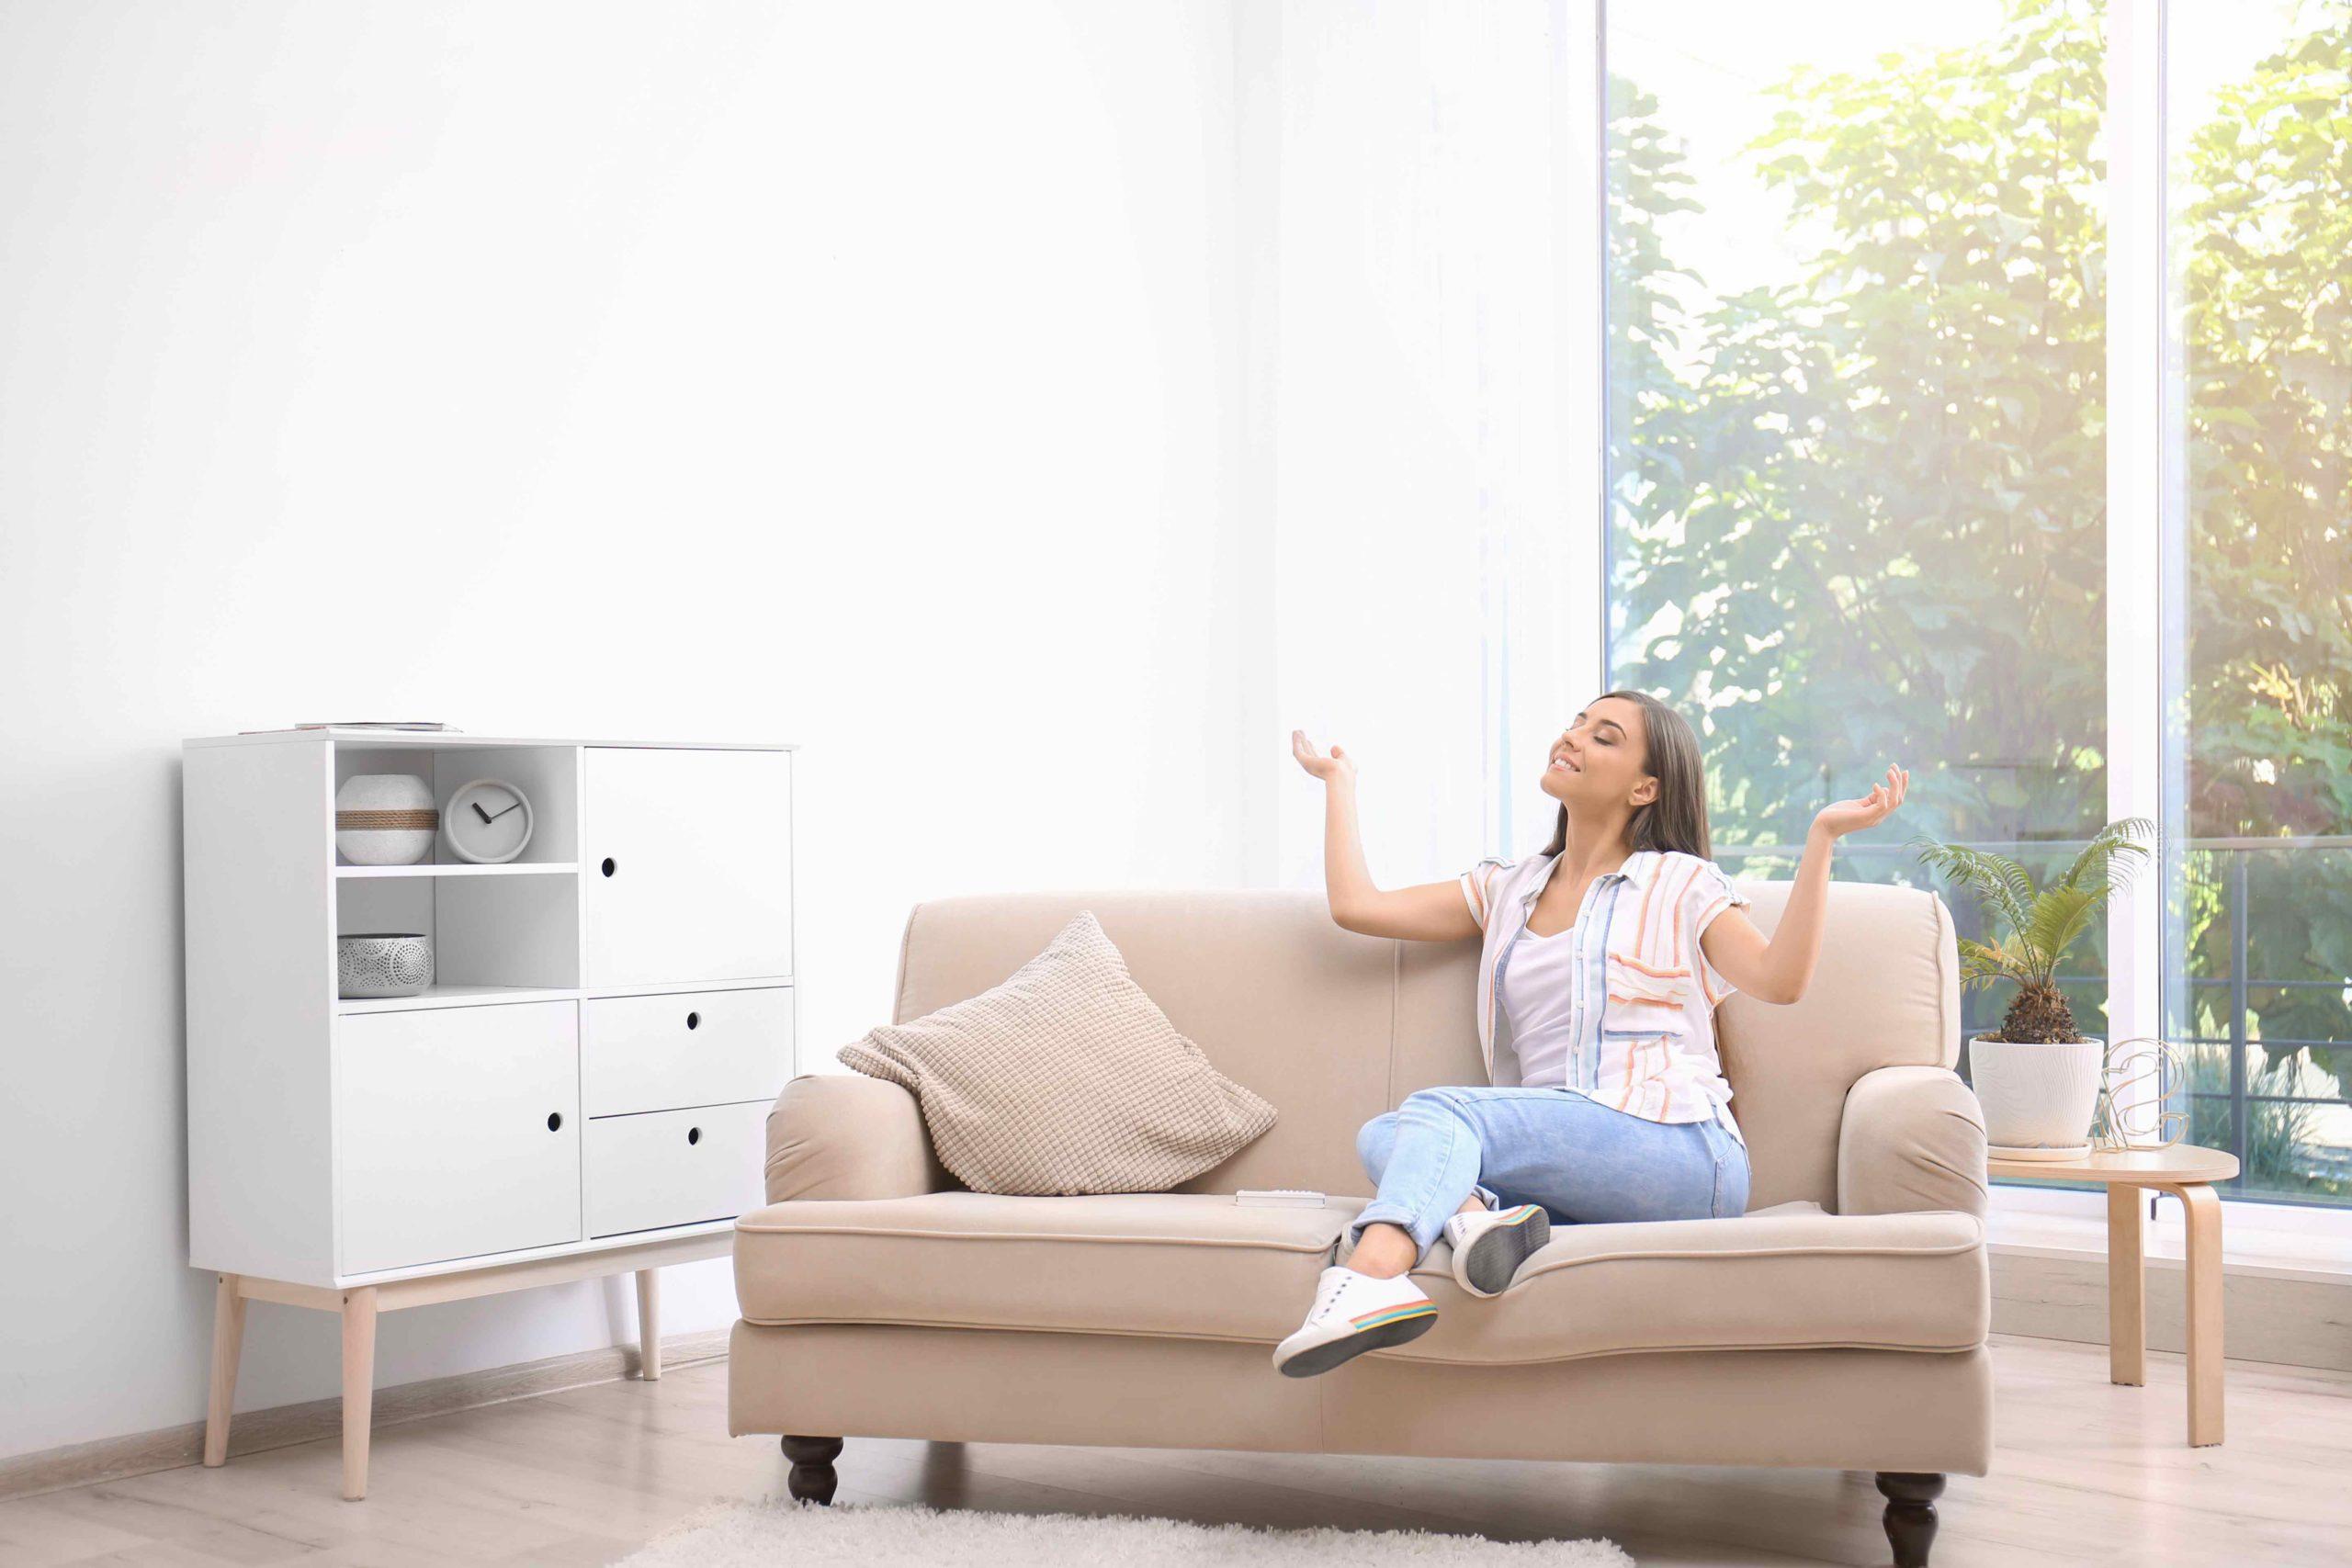 Une personne qui profite d'un air sain dans son logement